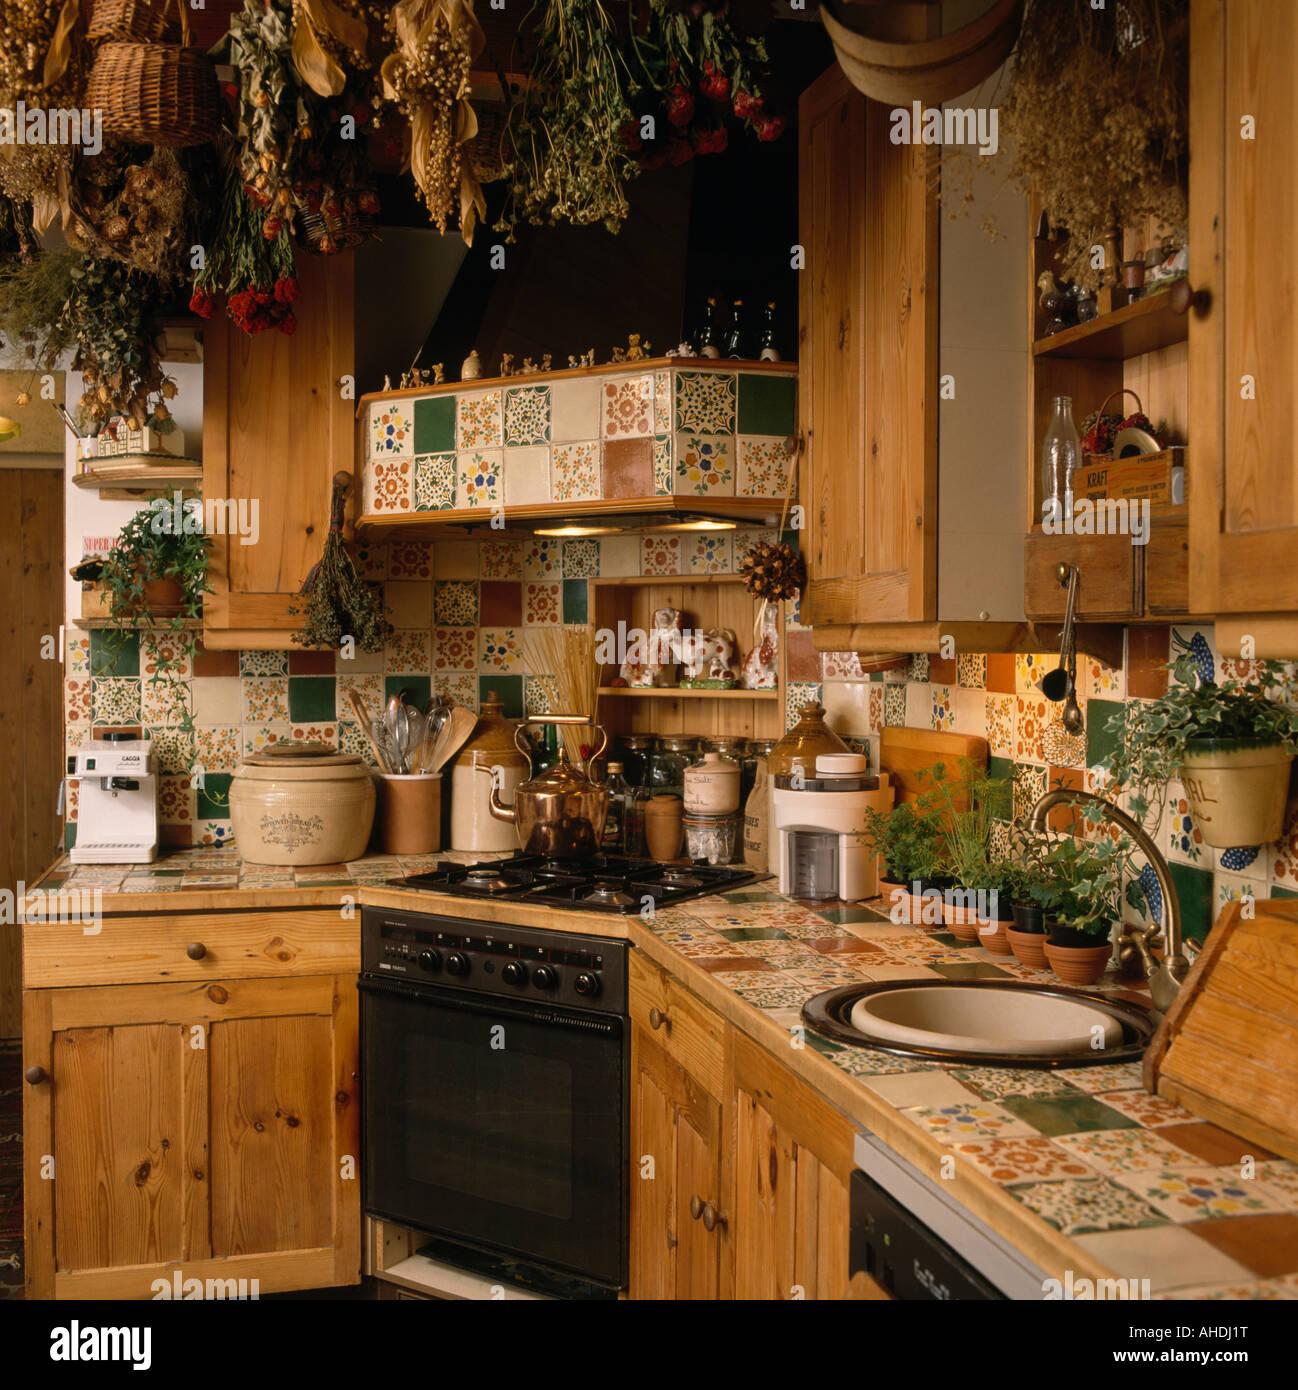 Piastrelle Cucina Con Fiori pino degli anni ottanta cucina attrezzata con piastrelle a